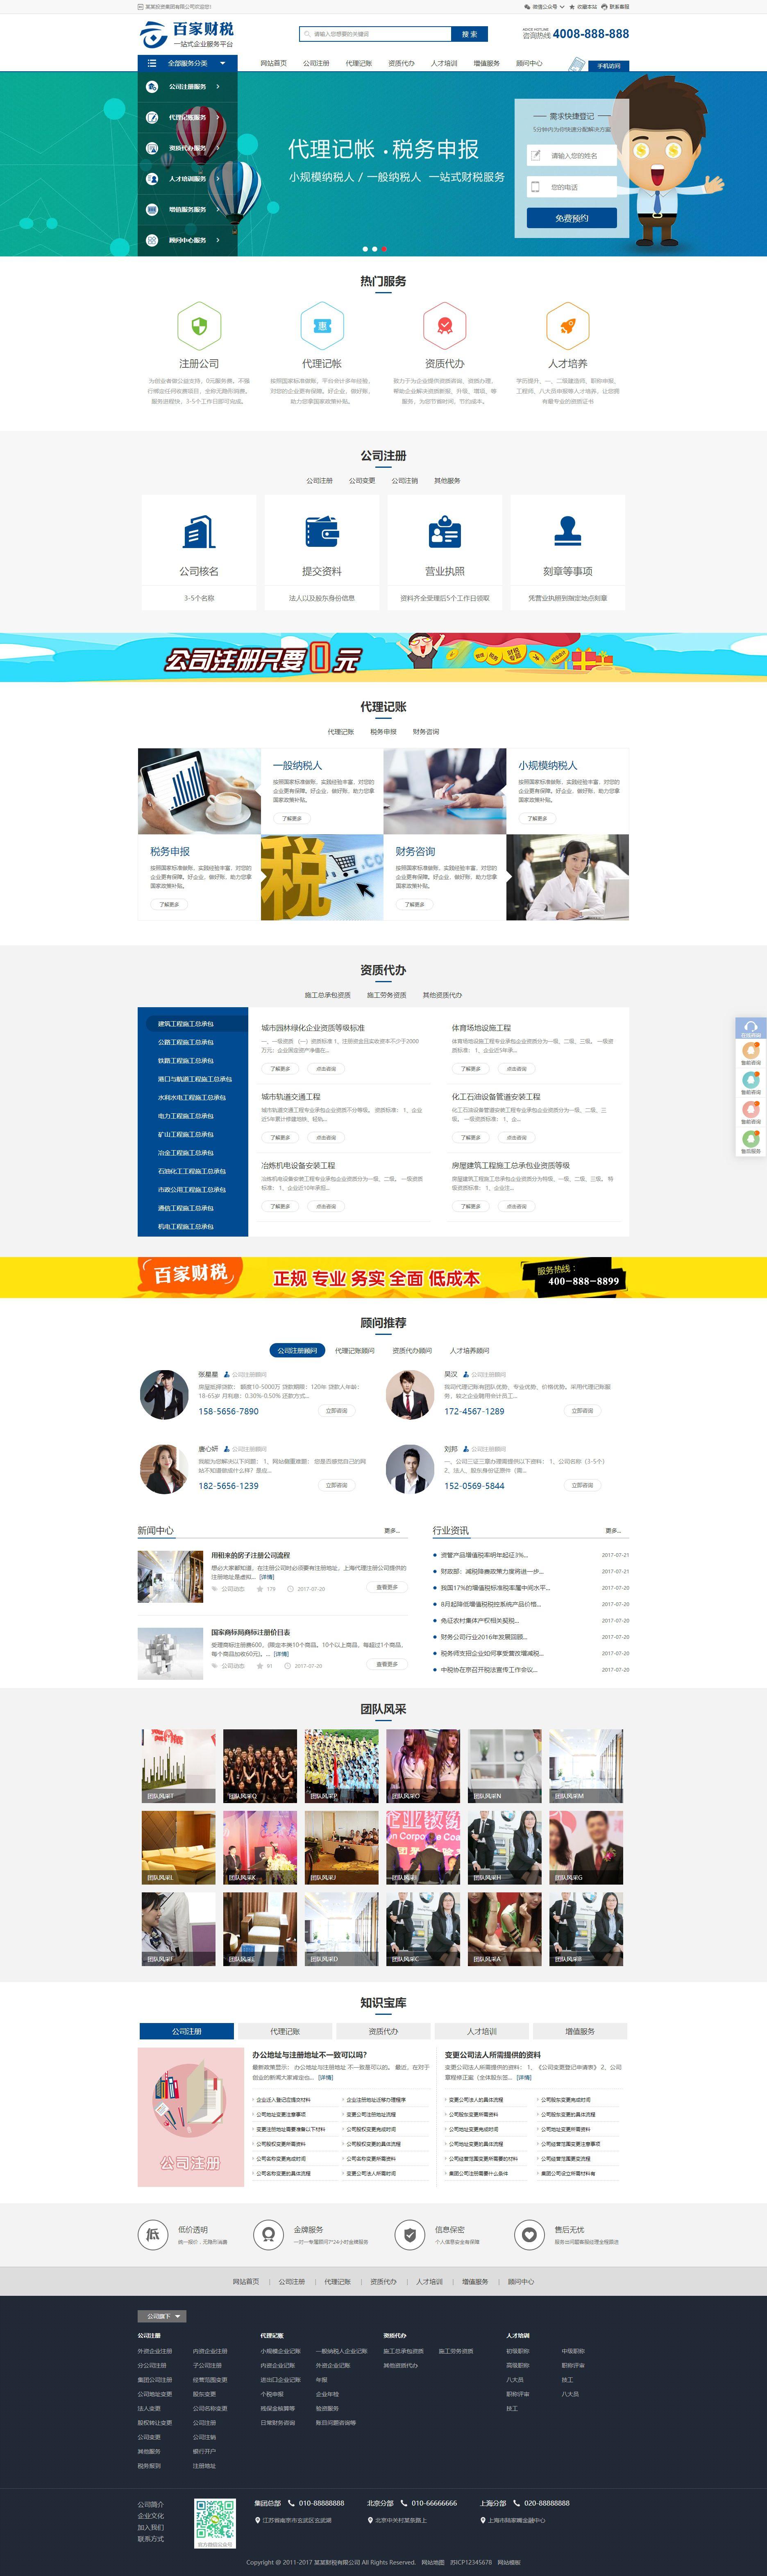 注册记账财税类织梦网站dedecms模板(带手机端)